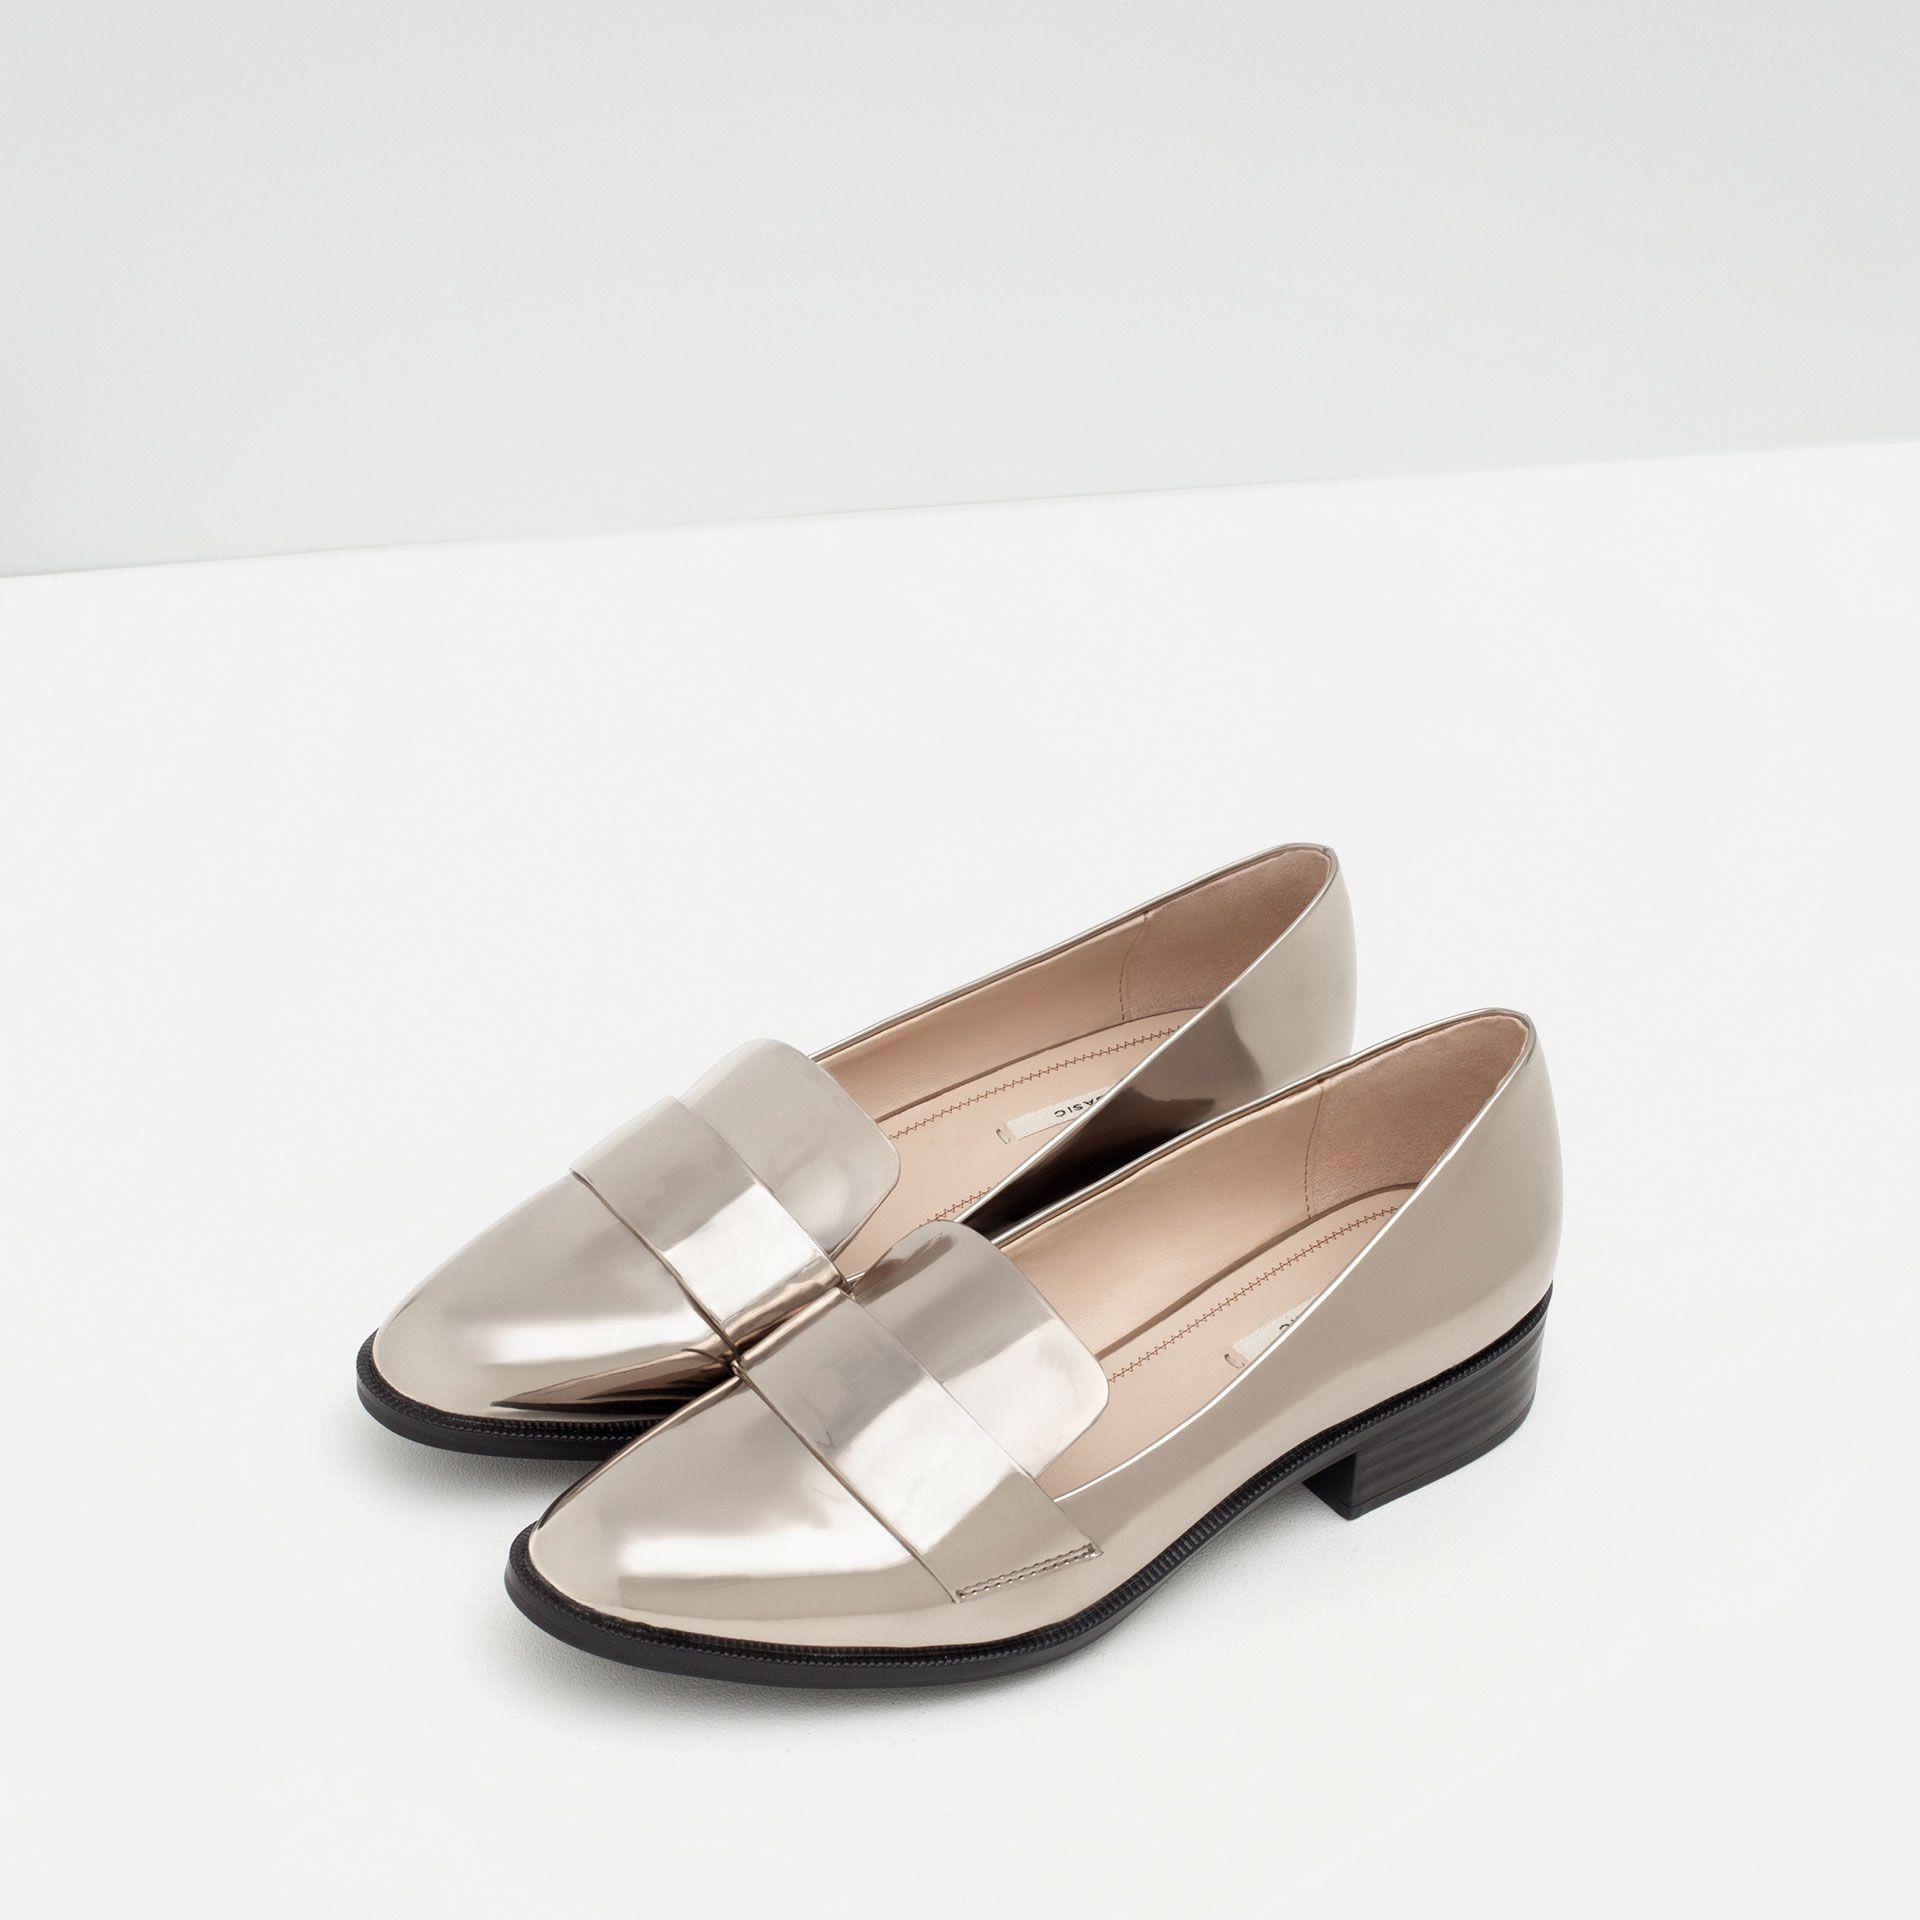 d5dfa69dc64 MOCASÍN LAMINADO - Zapatos y bolsos - Mujer - ÚLTIMA SEMANA